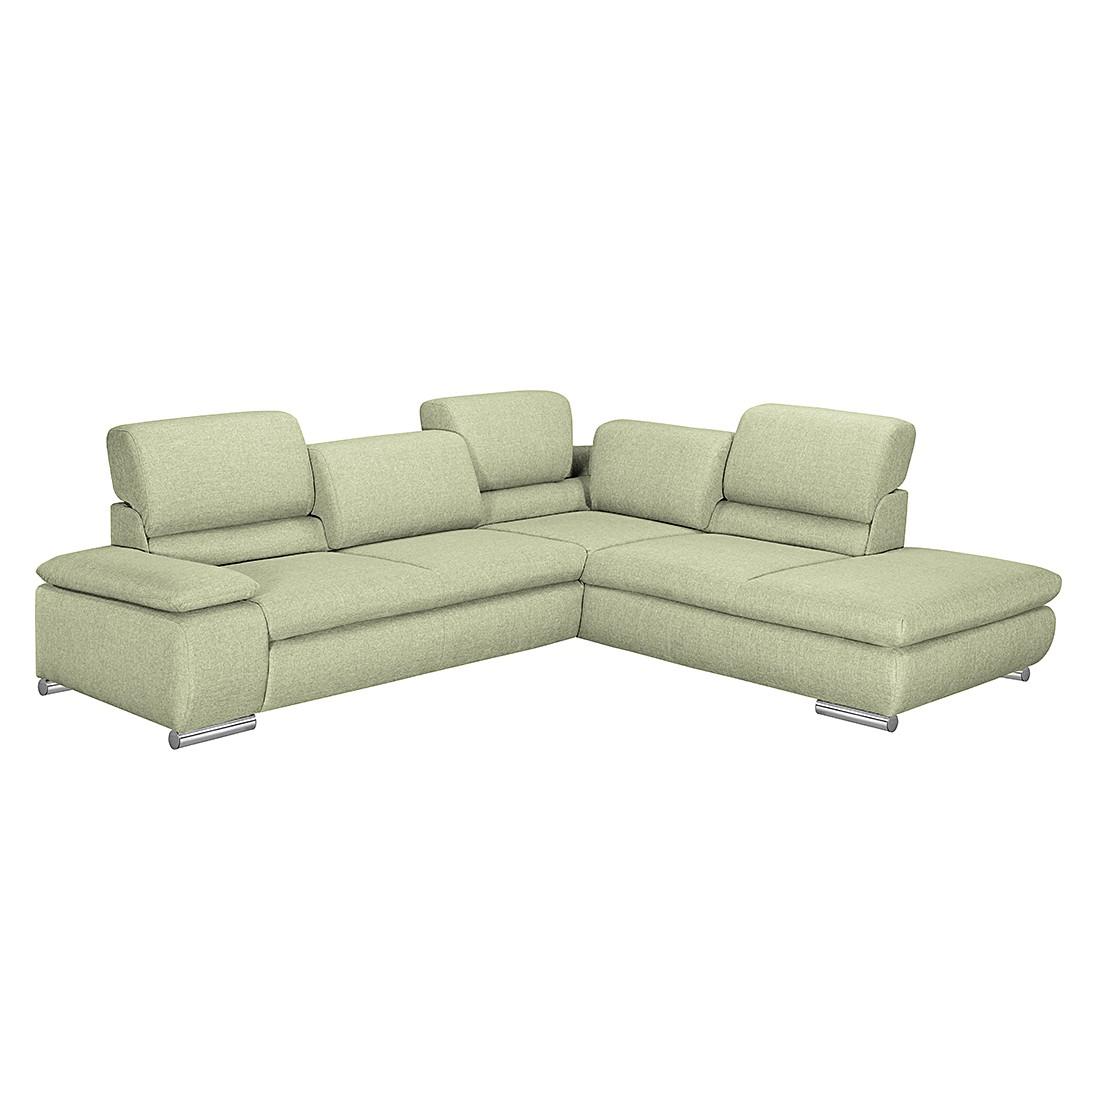 ecksofa masca webstoff gr n ottomane davorstehend rechts ohne schlaffunktion loftscape. Black Bedroom Furniture Sets. Home Design Ideas